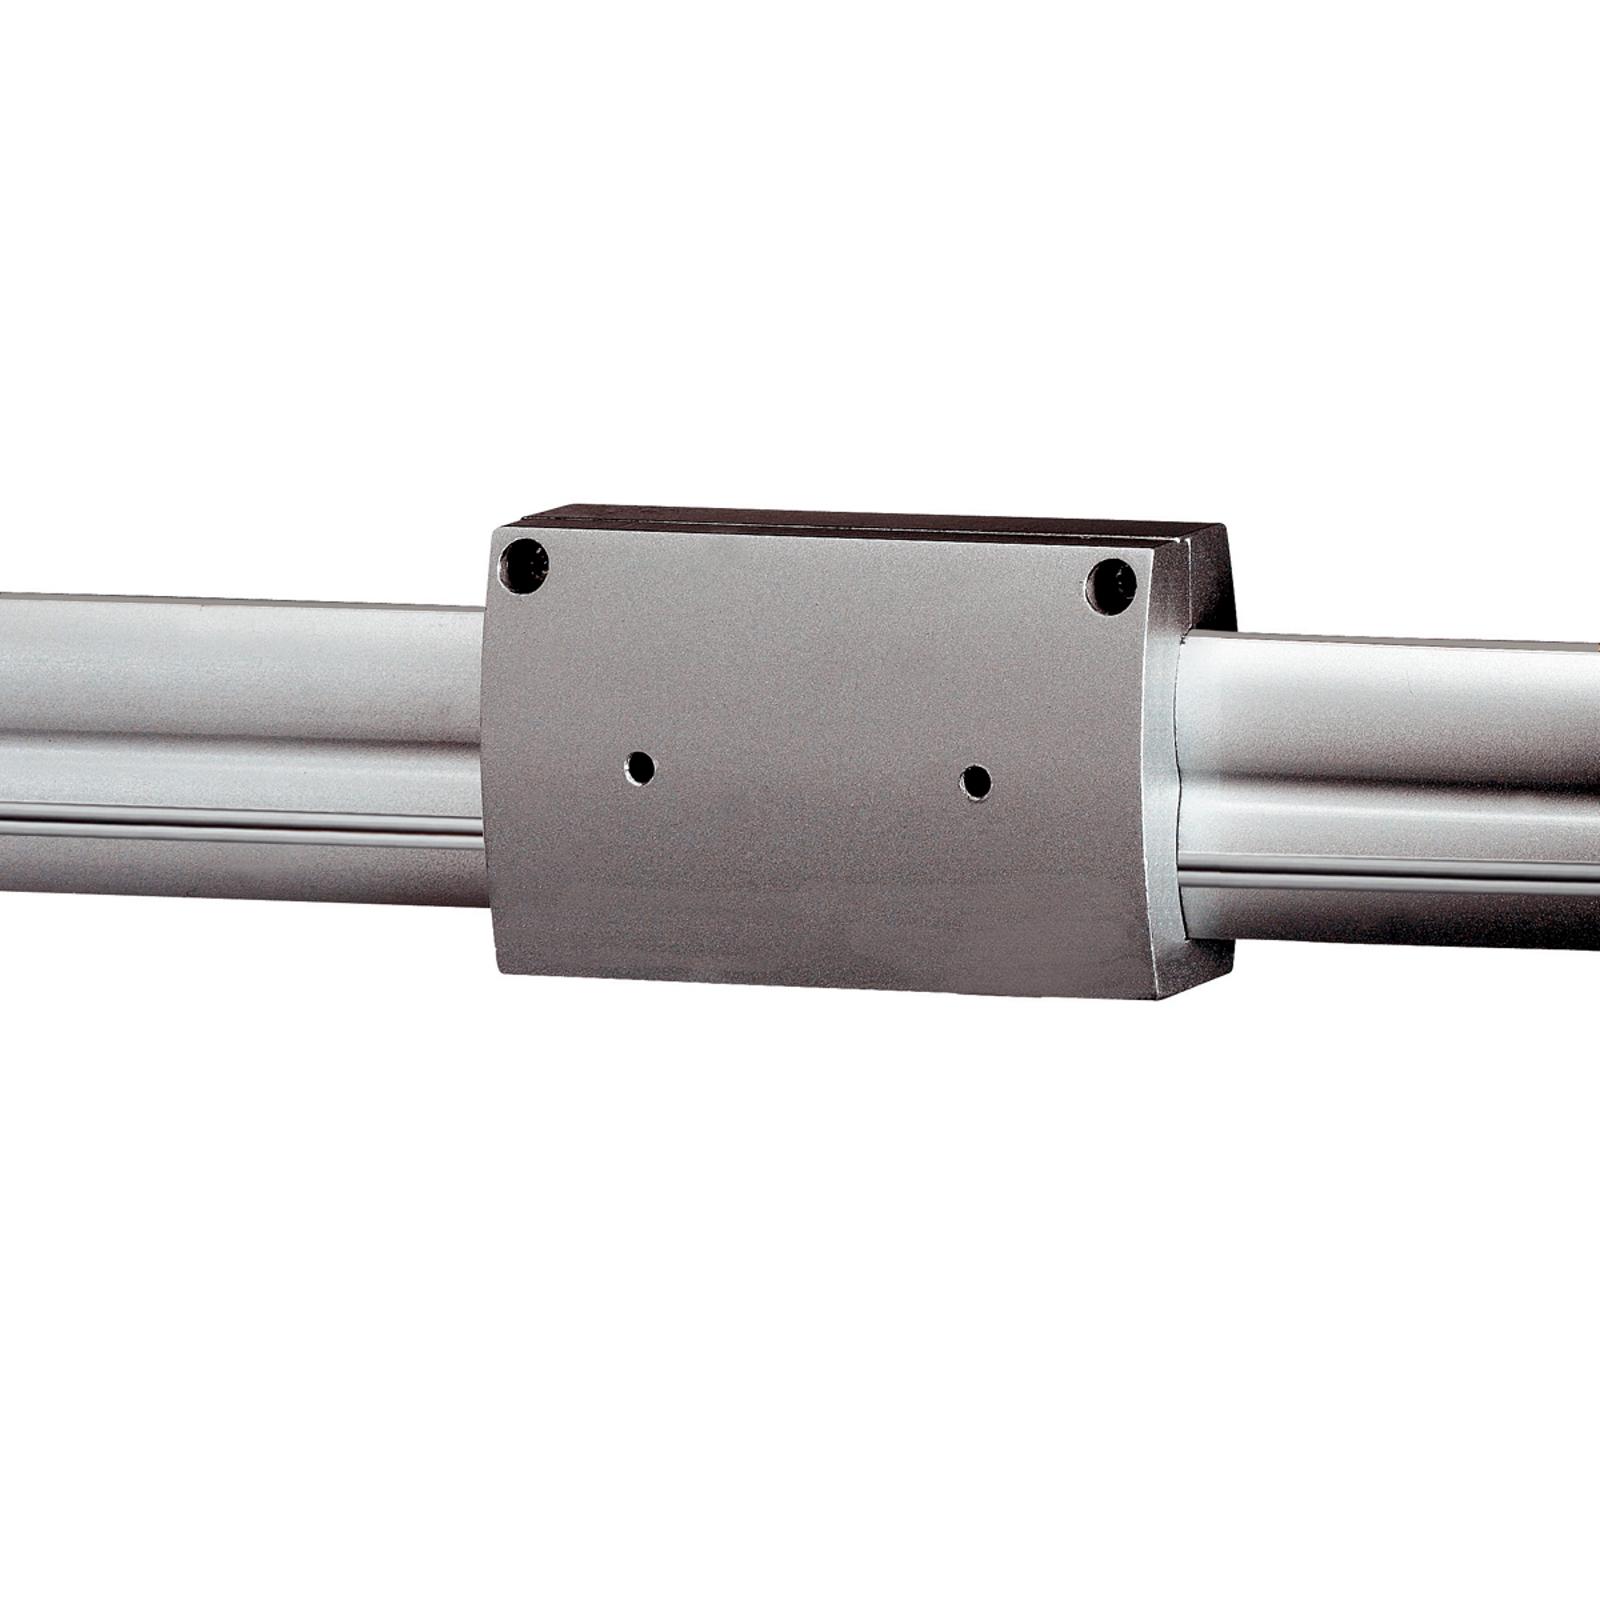 Sølvgrå isolationsudvidelse til HV skinne